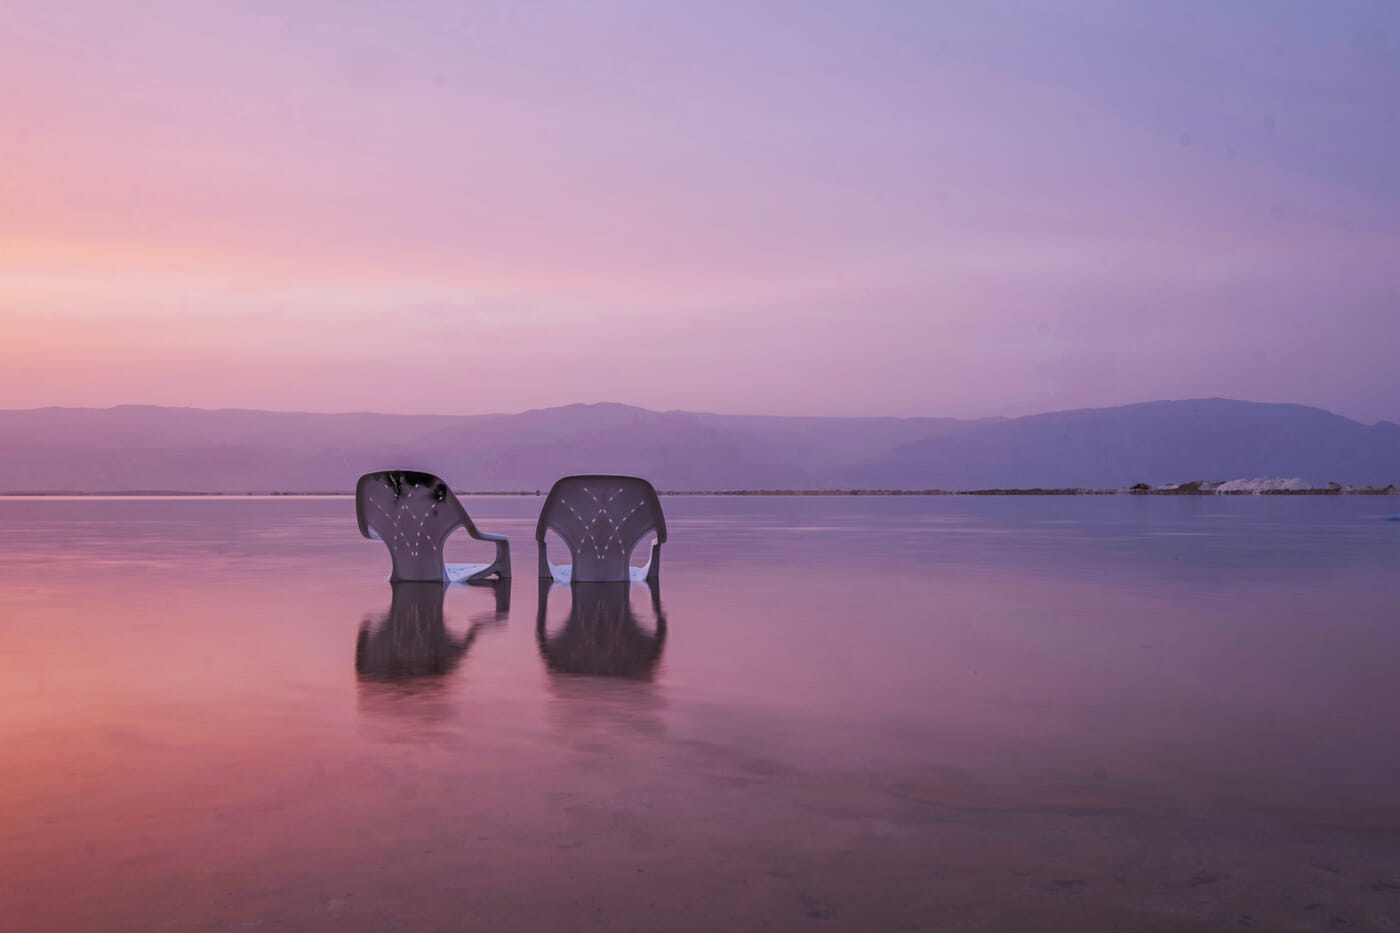 Zwei Stühle stehen am Strand im Wasser